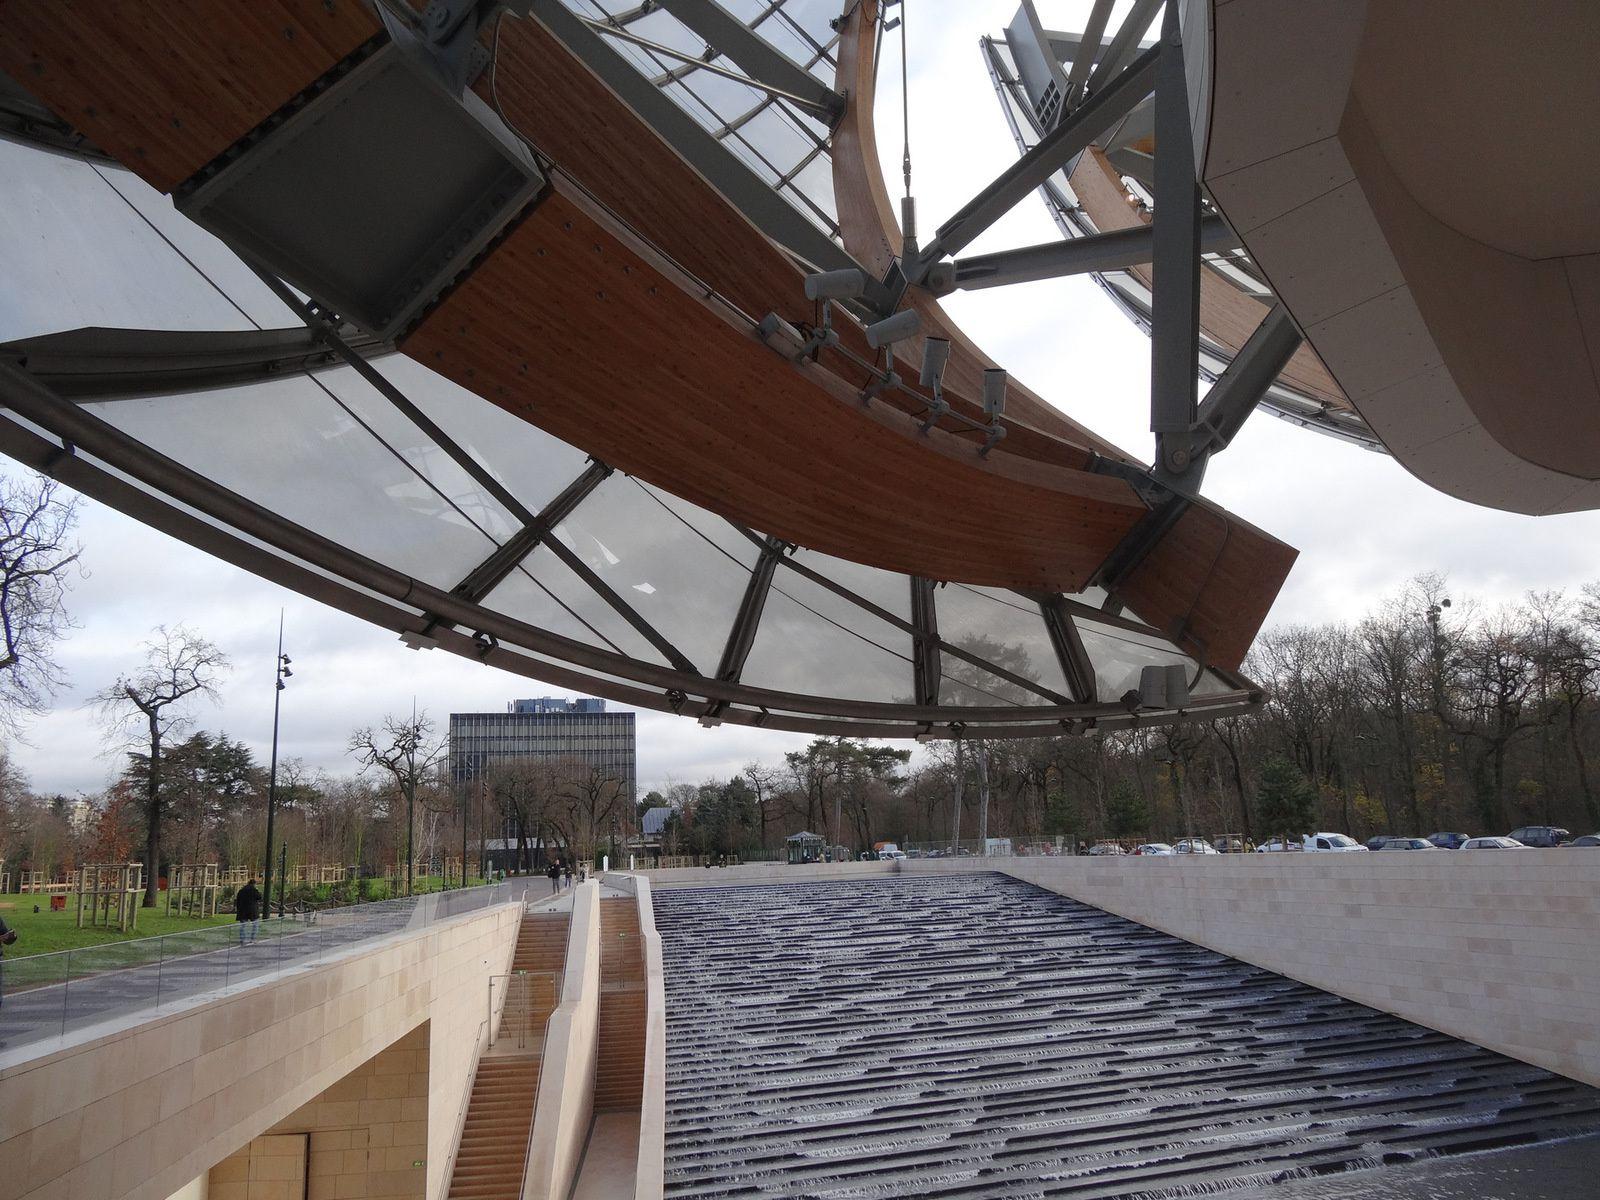 L'architecture (de Franck GEHRY) du bâtiment remplit l'espace à lui tout seul. Les quelques œuvres d'art contemporain exposées servent juste de ponctuation. Parfois les milliardaires utilisent l'argent de manière positive.